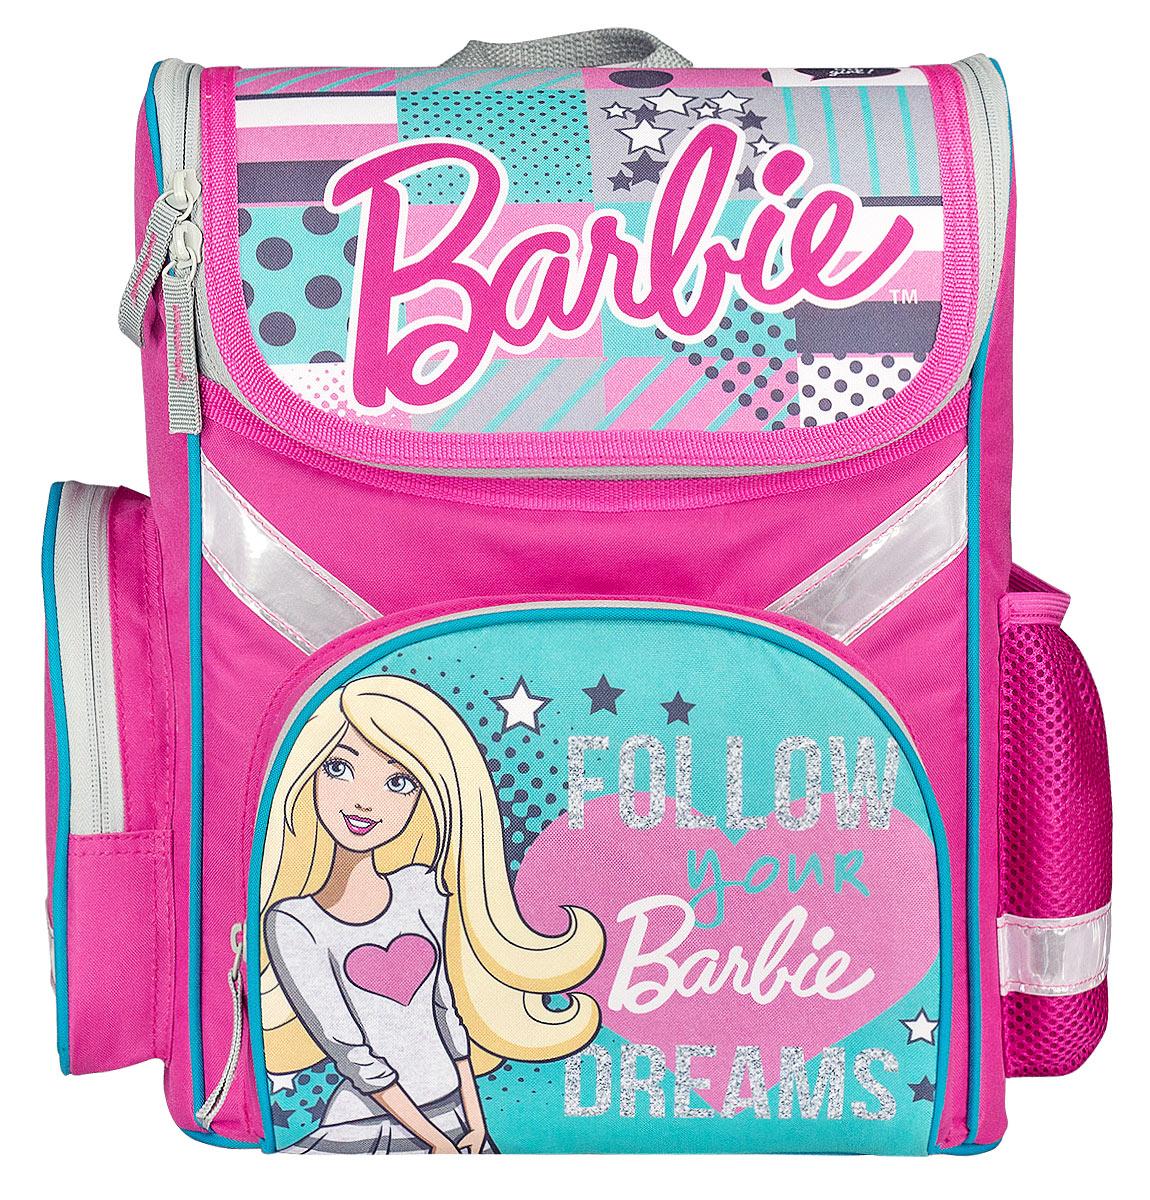 Barbie Ранец школьный Follow Dreams72523WDШкольный ранец Barbie выполнен из современного легкого и прочного полиэстера. Ранец дополнен ярким изображением куклы Барби.Изделие имеет одно основное отделение, закрывающееся клапаном на застежку-молнию с двумя бегунками. Внутри отделения расположены два мягких разделителя с утягивающей резинкой, предназначенные для тетрадей и учебников. На лицевой стороне ранца расположен накладной карман на молнии. По бокам ранца размещены два дополнительных накладных кармана, один на молнии, и один открытый.Анатомическая вентилируемая спинка ранца и широкие мягкие лямки, регулируемые по длине, равномерно распределяют нагрузку на плечевой пояс, способствуя формированию правильной осанки.Ранец оснащен текстильной ручкой для переноски.Многофункциональный школьный ранец станет незаменимым спутником вашего ребенка в походах за знаниями.Вес ранца без наполнения менее 1 кг.